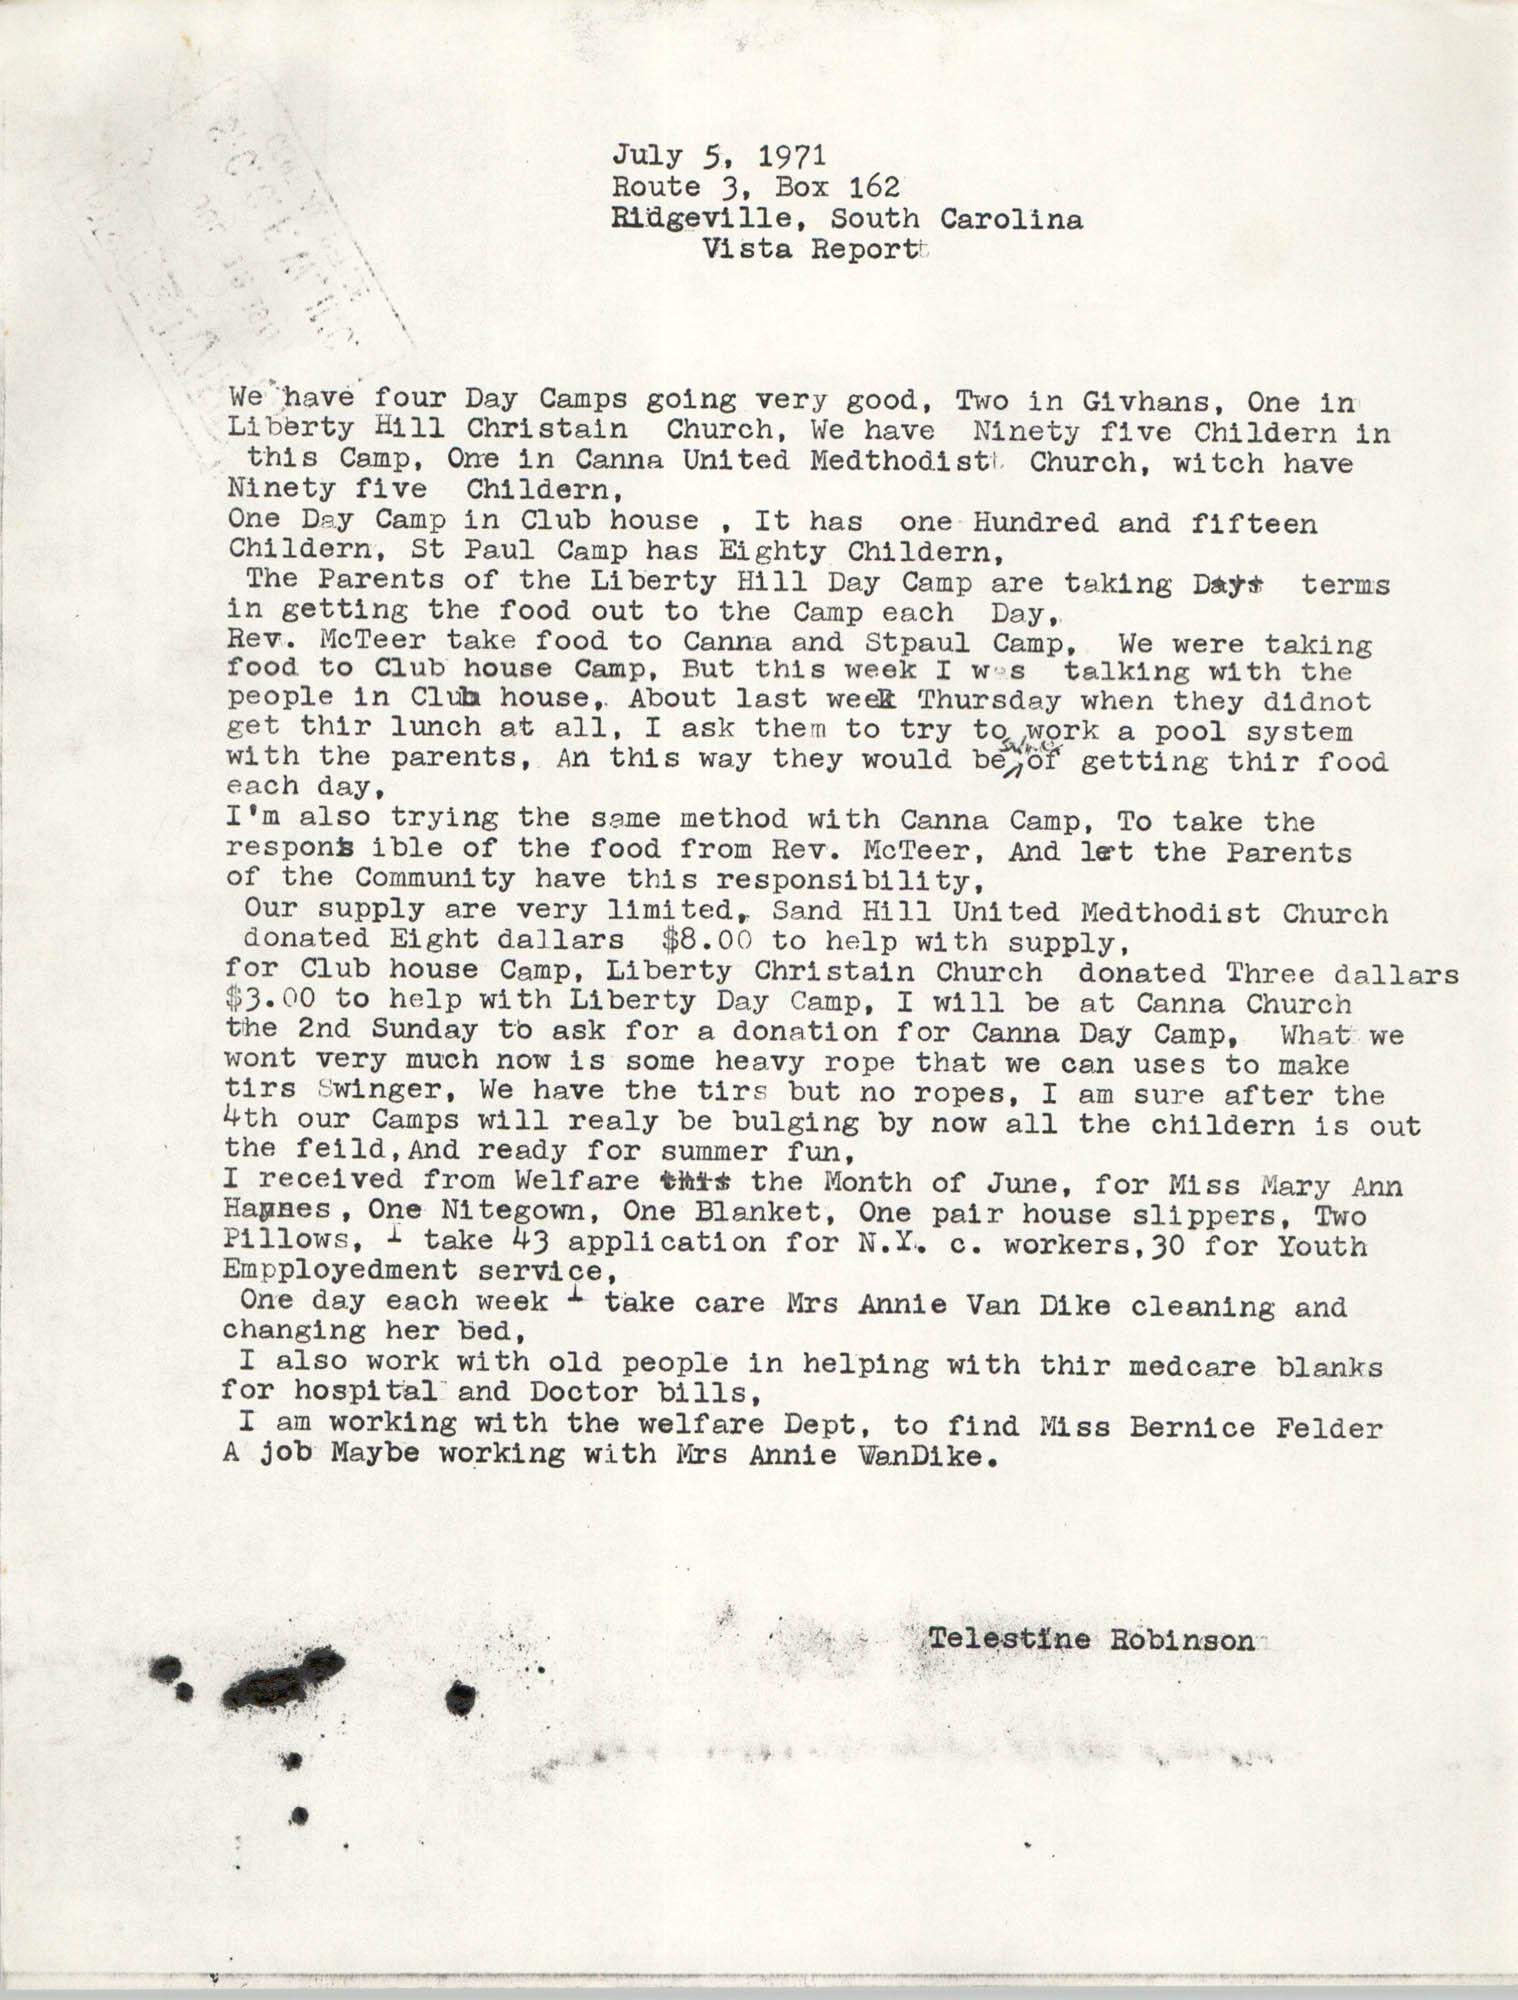 VISTA Monthly Report, June 1971